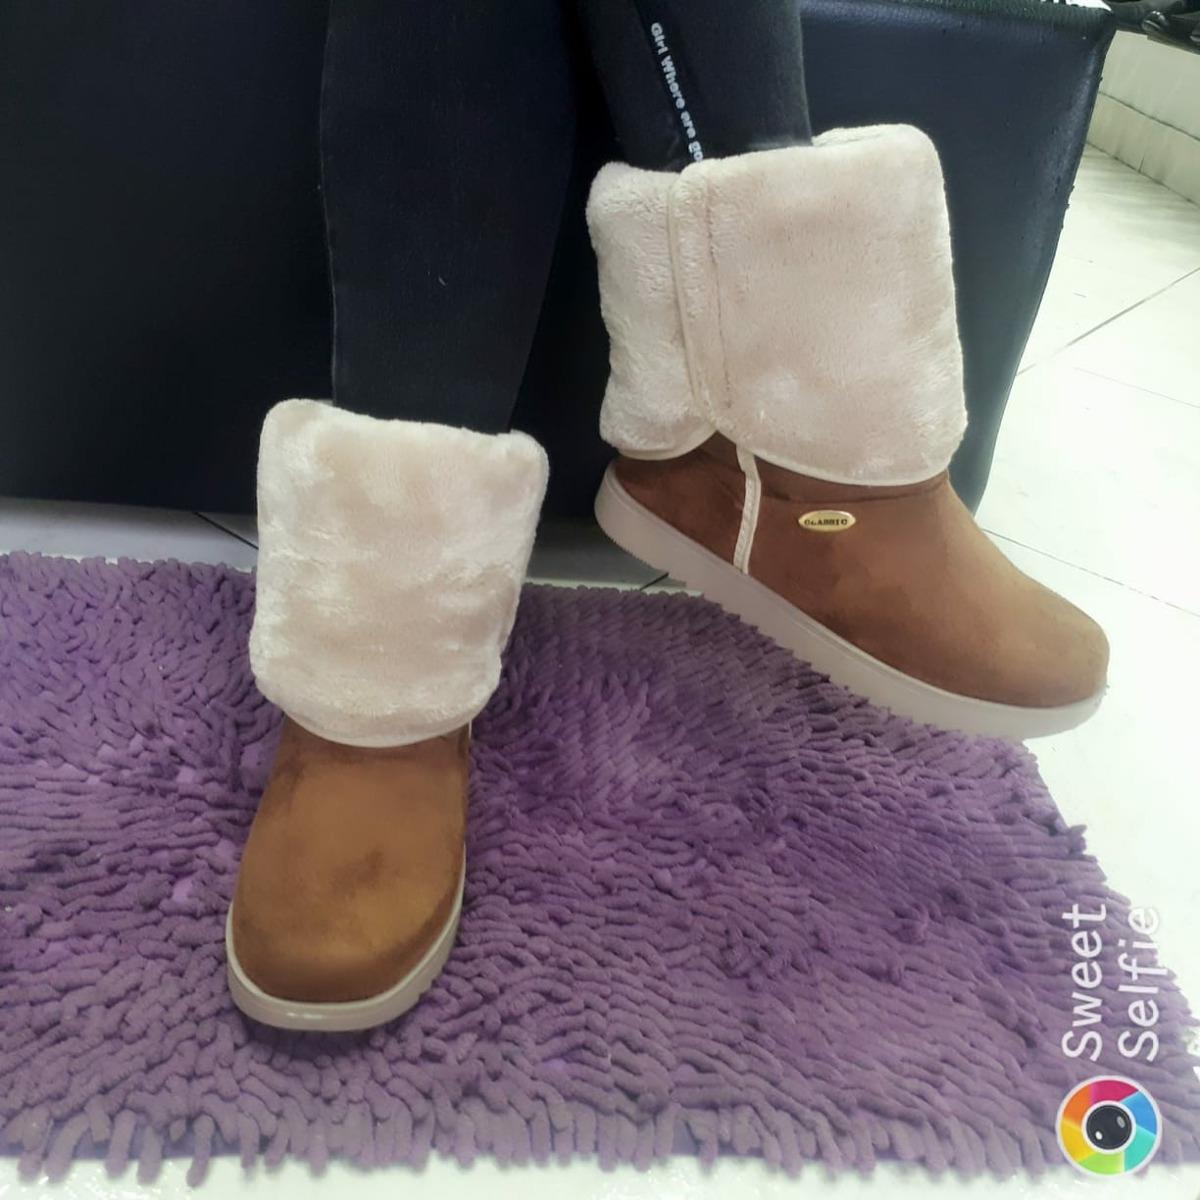 c283adc6c3749 Calzado Mujer Botas Para Dama Tipo Babucha -   70.000 en Mercado Libre